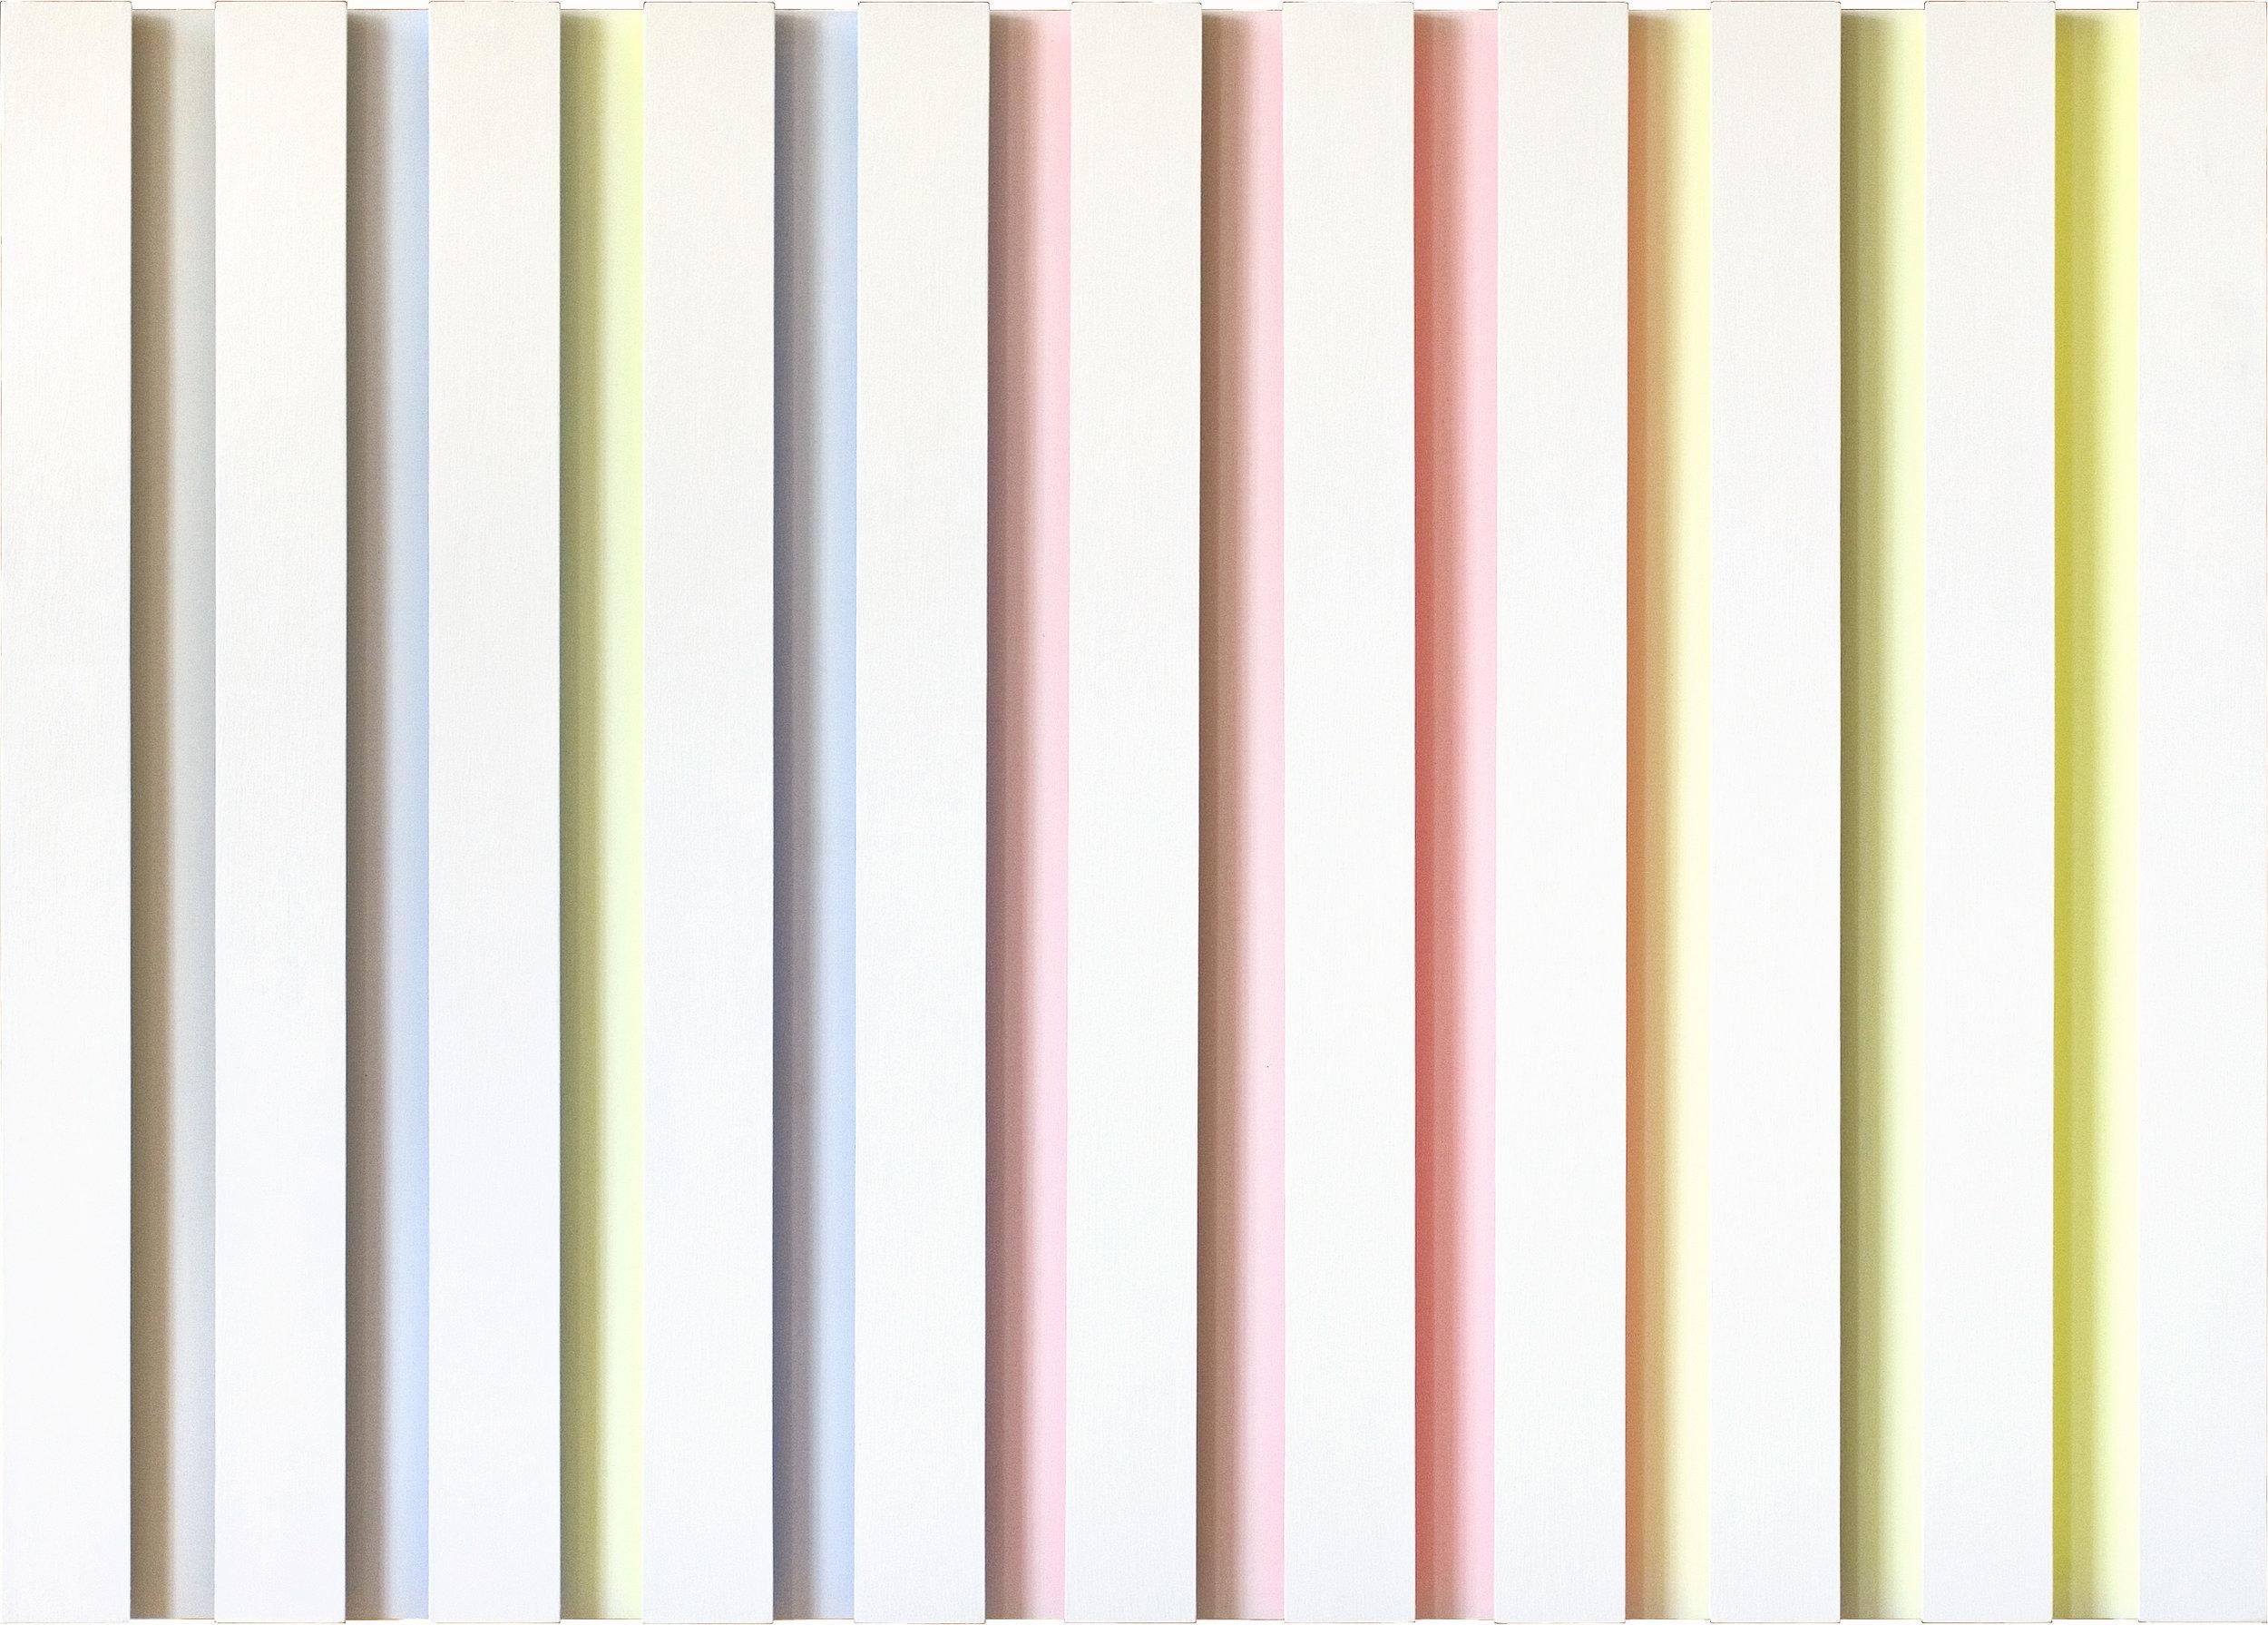 akril, les, 100 x 140 cm, 2006